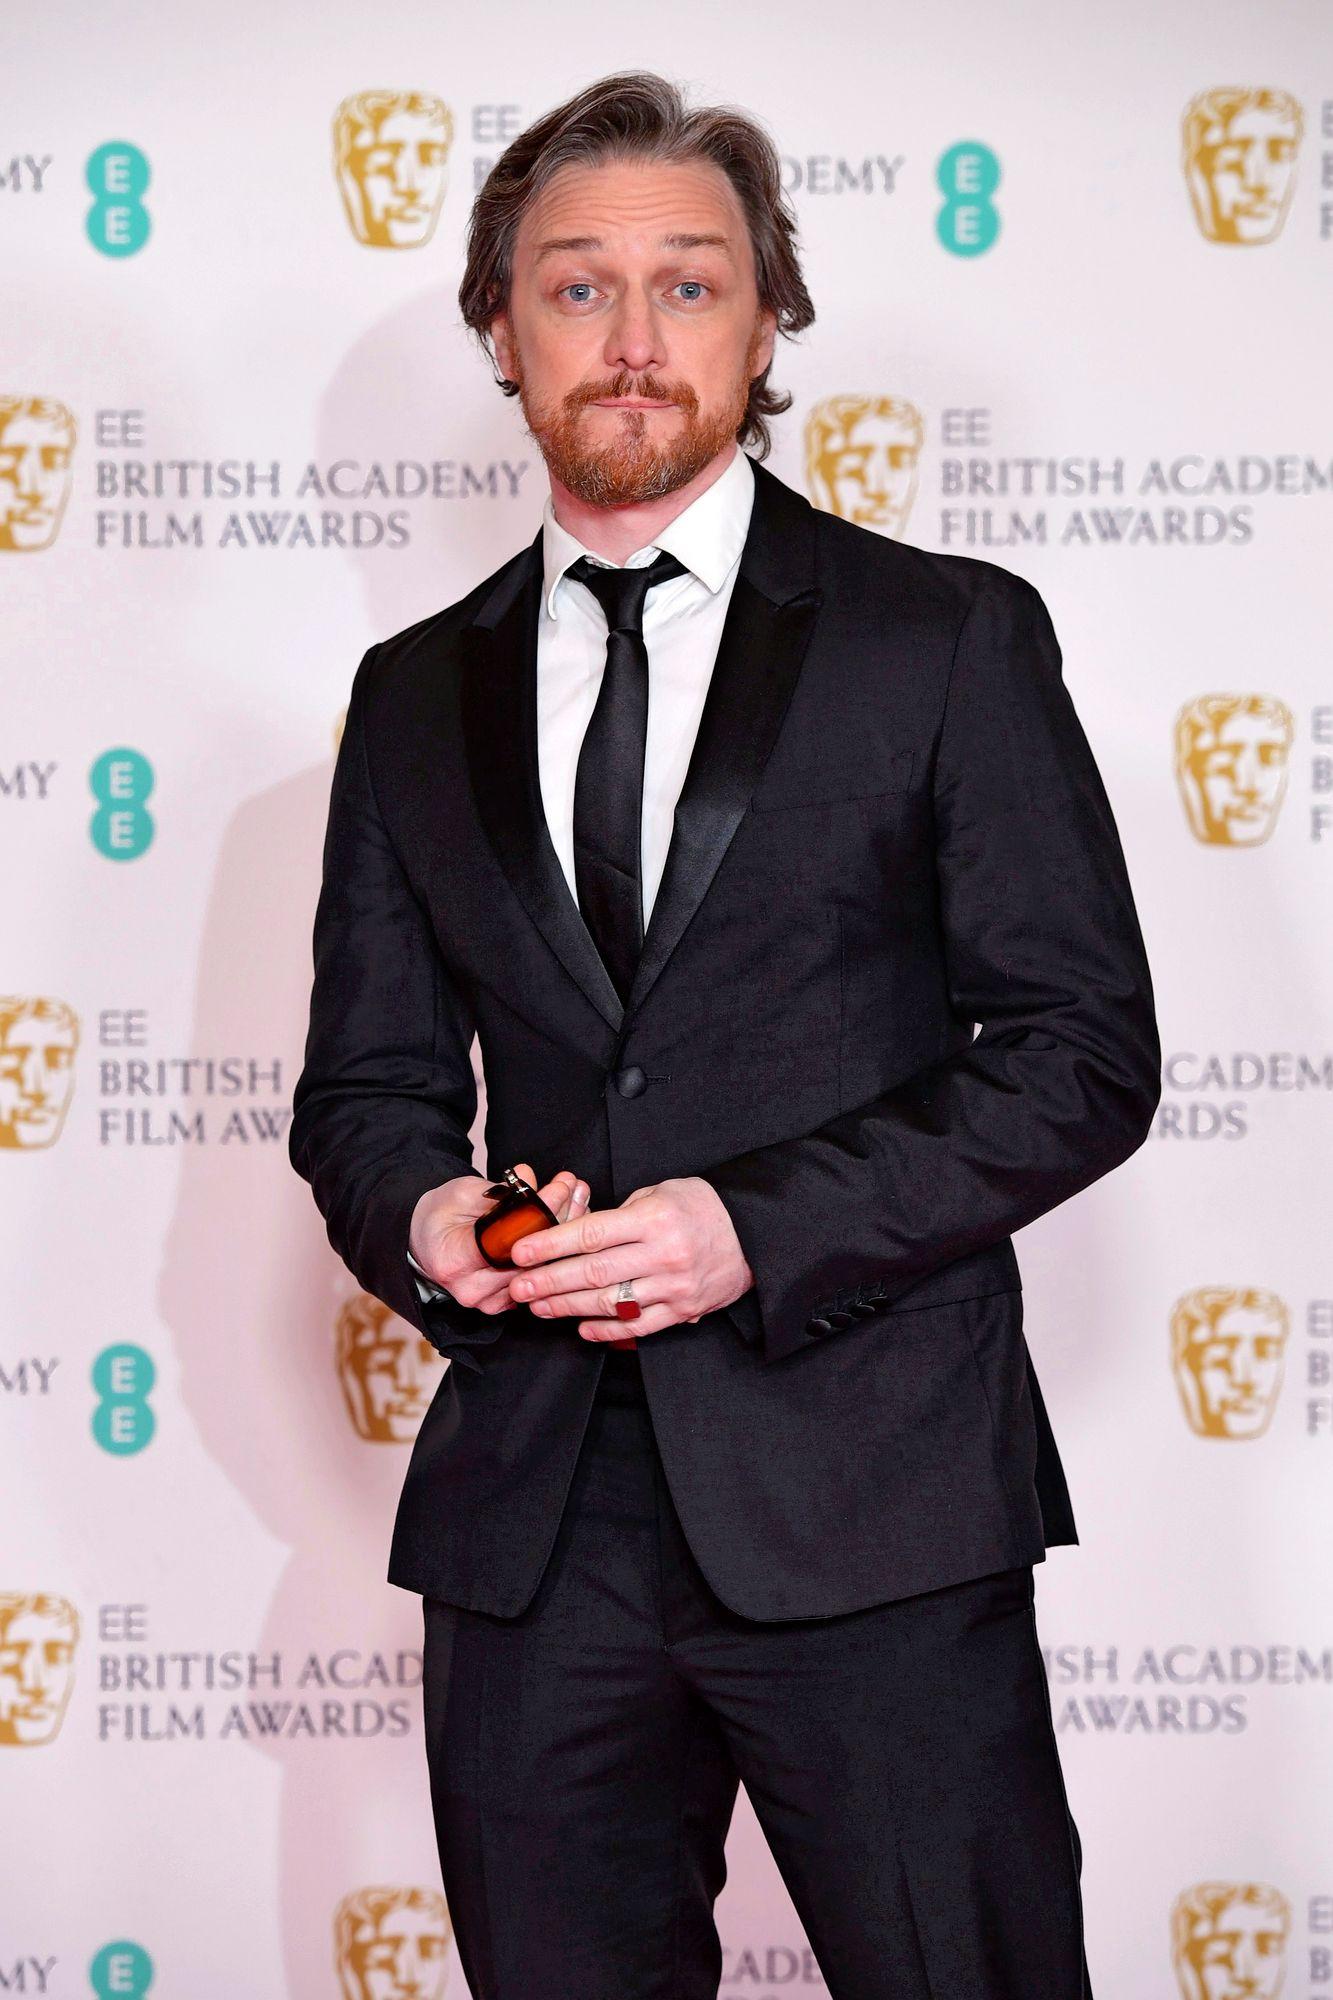 """Yksi gaalan palkintojen jakajista oli X Men -tähti James McAvoy. """"Kivaa olla ulkona puvussa ja tarpeettomissa aurinkolaseissa"""", tuumasi McAvoy somessa. © Ian West / PA Images / MVPhotos"""